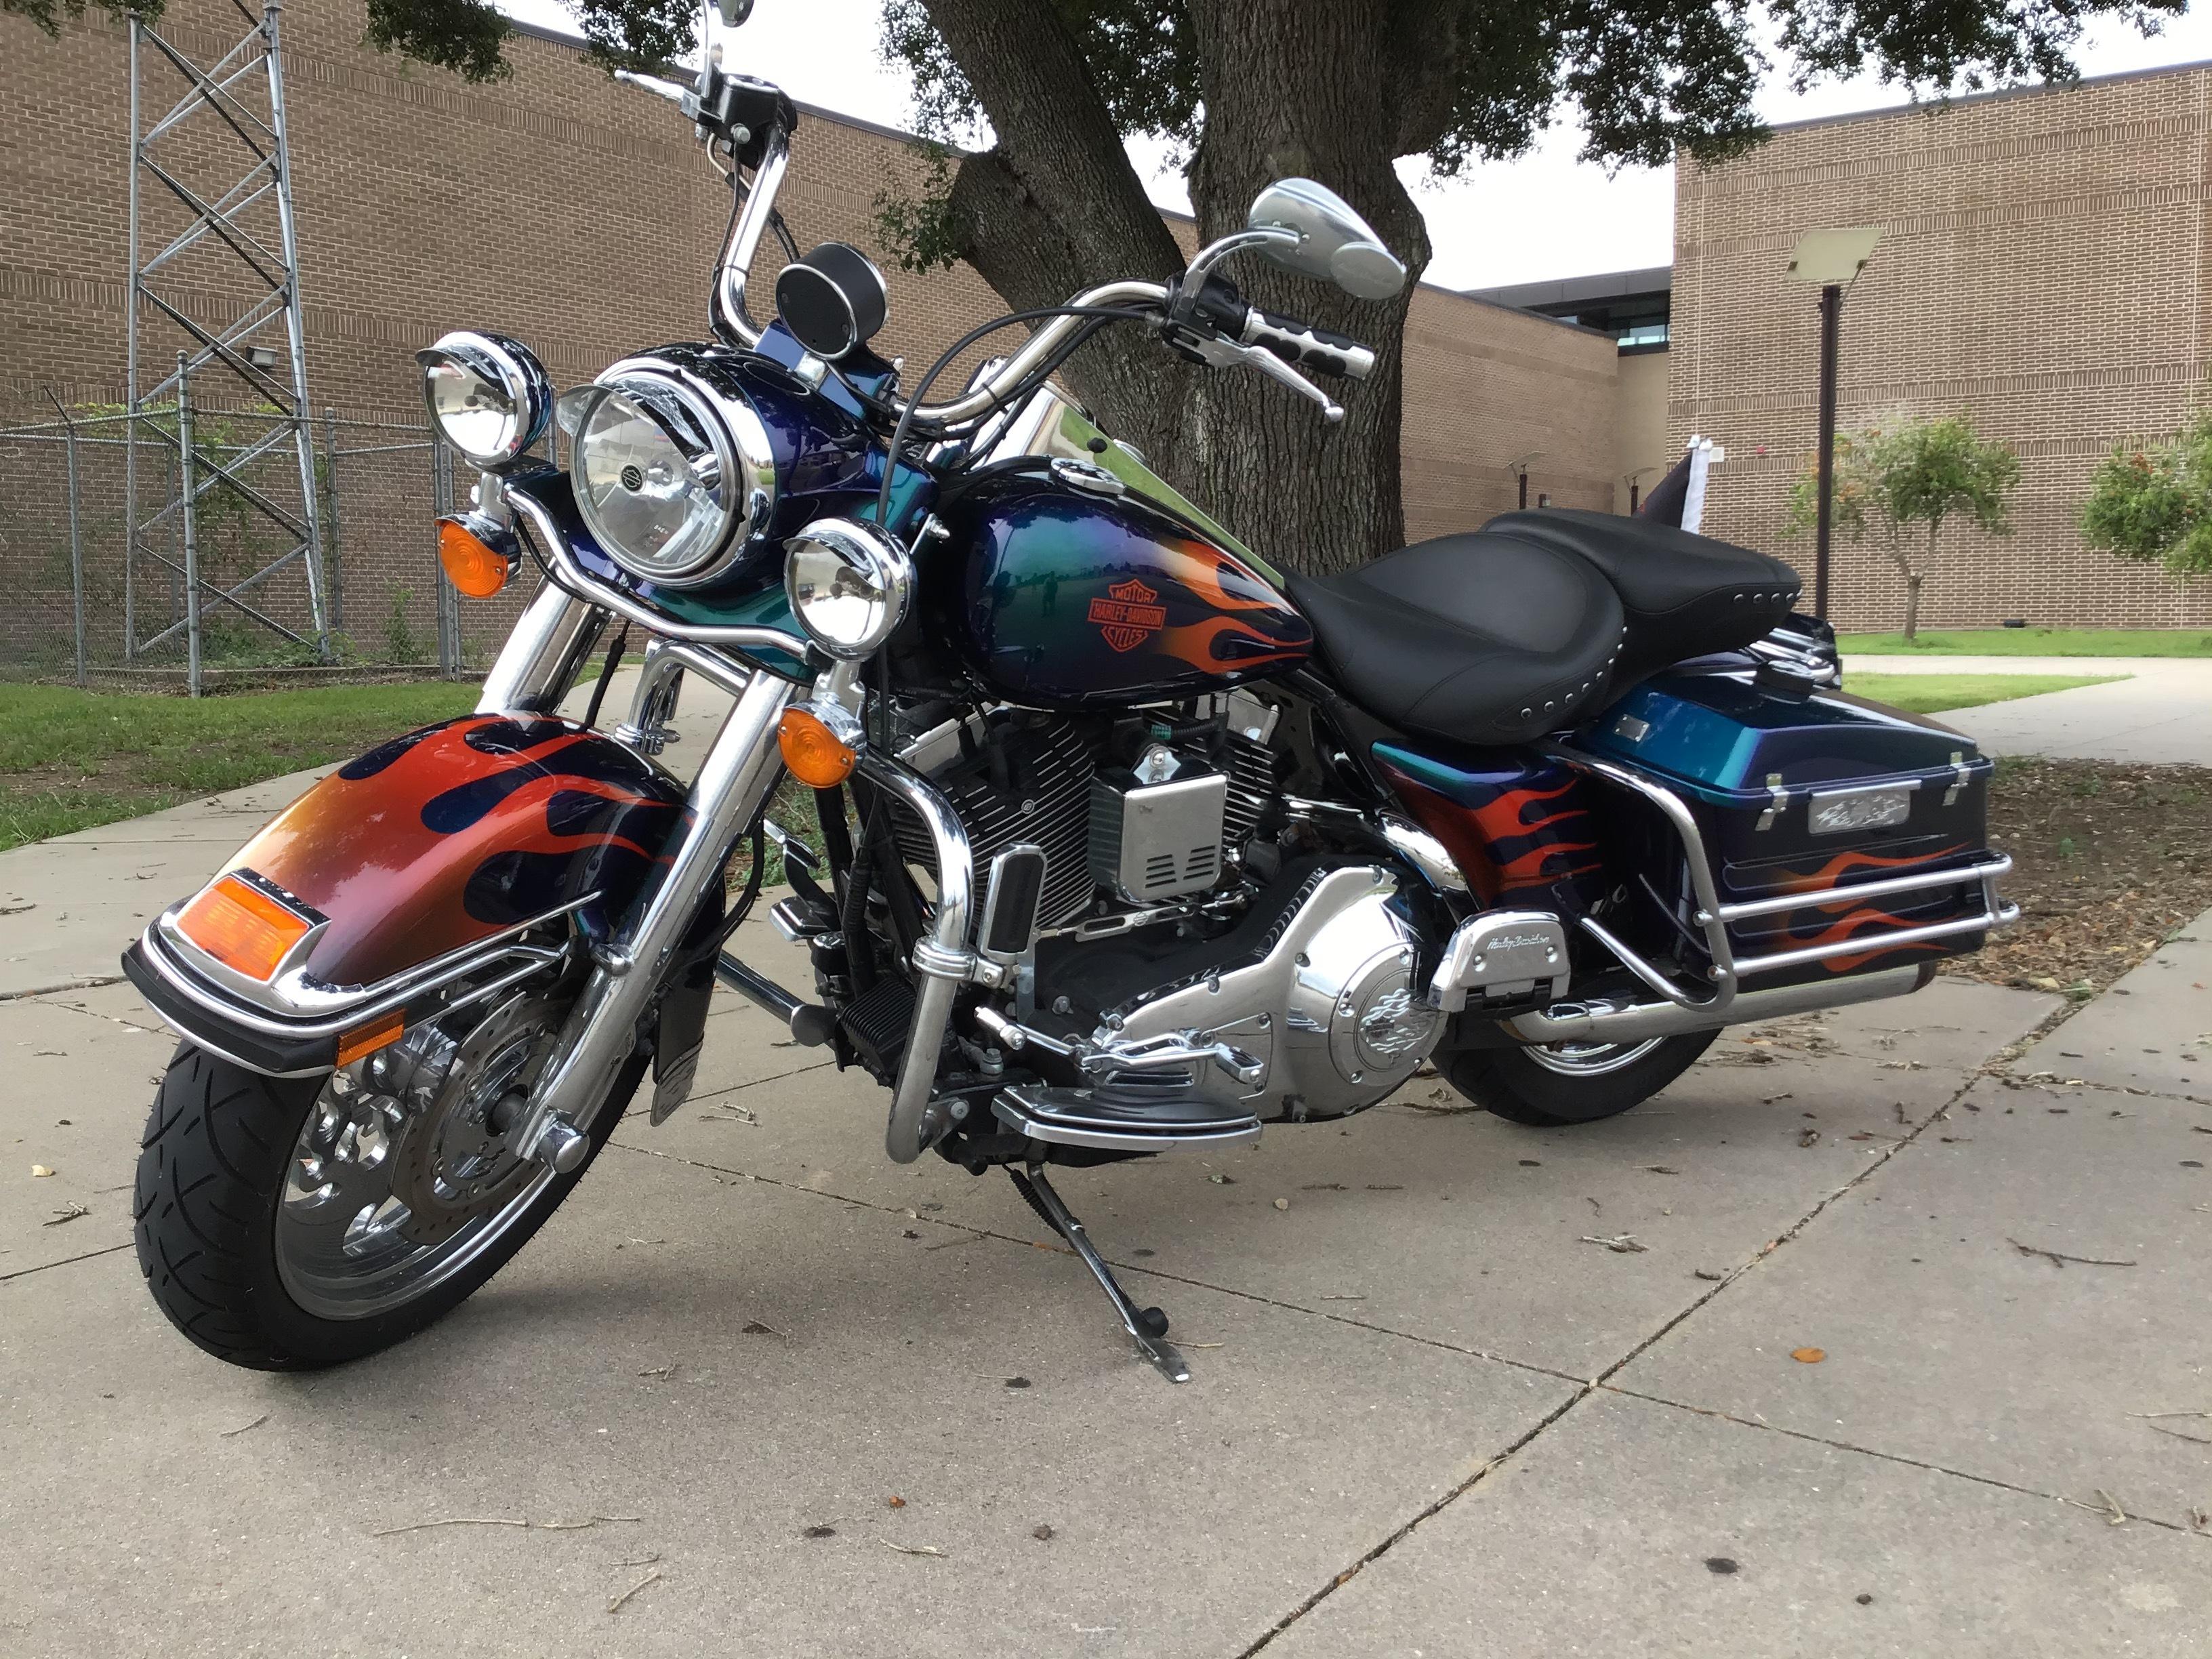 2005 Harley Davidson Road King Police Katy Tx Cycletrader Com